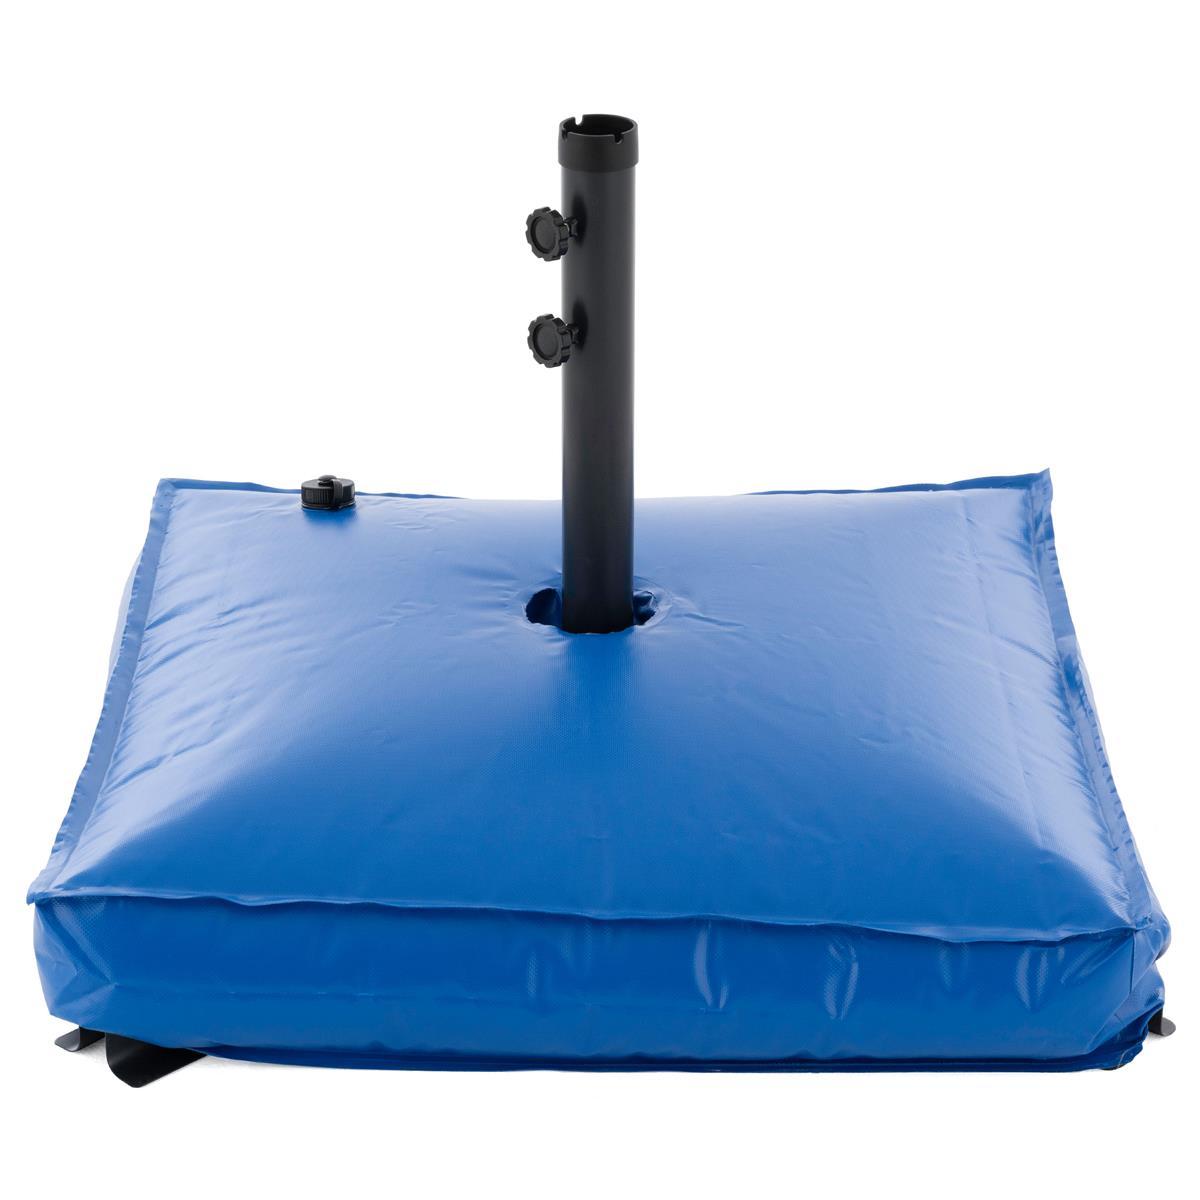 Schirmständer Set mit Wasser befüllbar bis 78 Liter Stahlfuß blau eckig 75x75cm